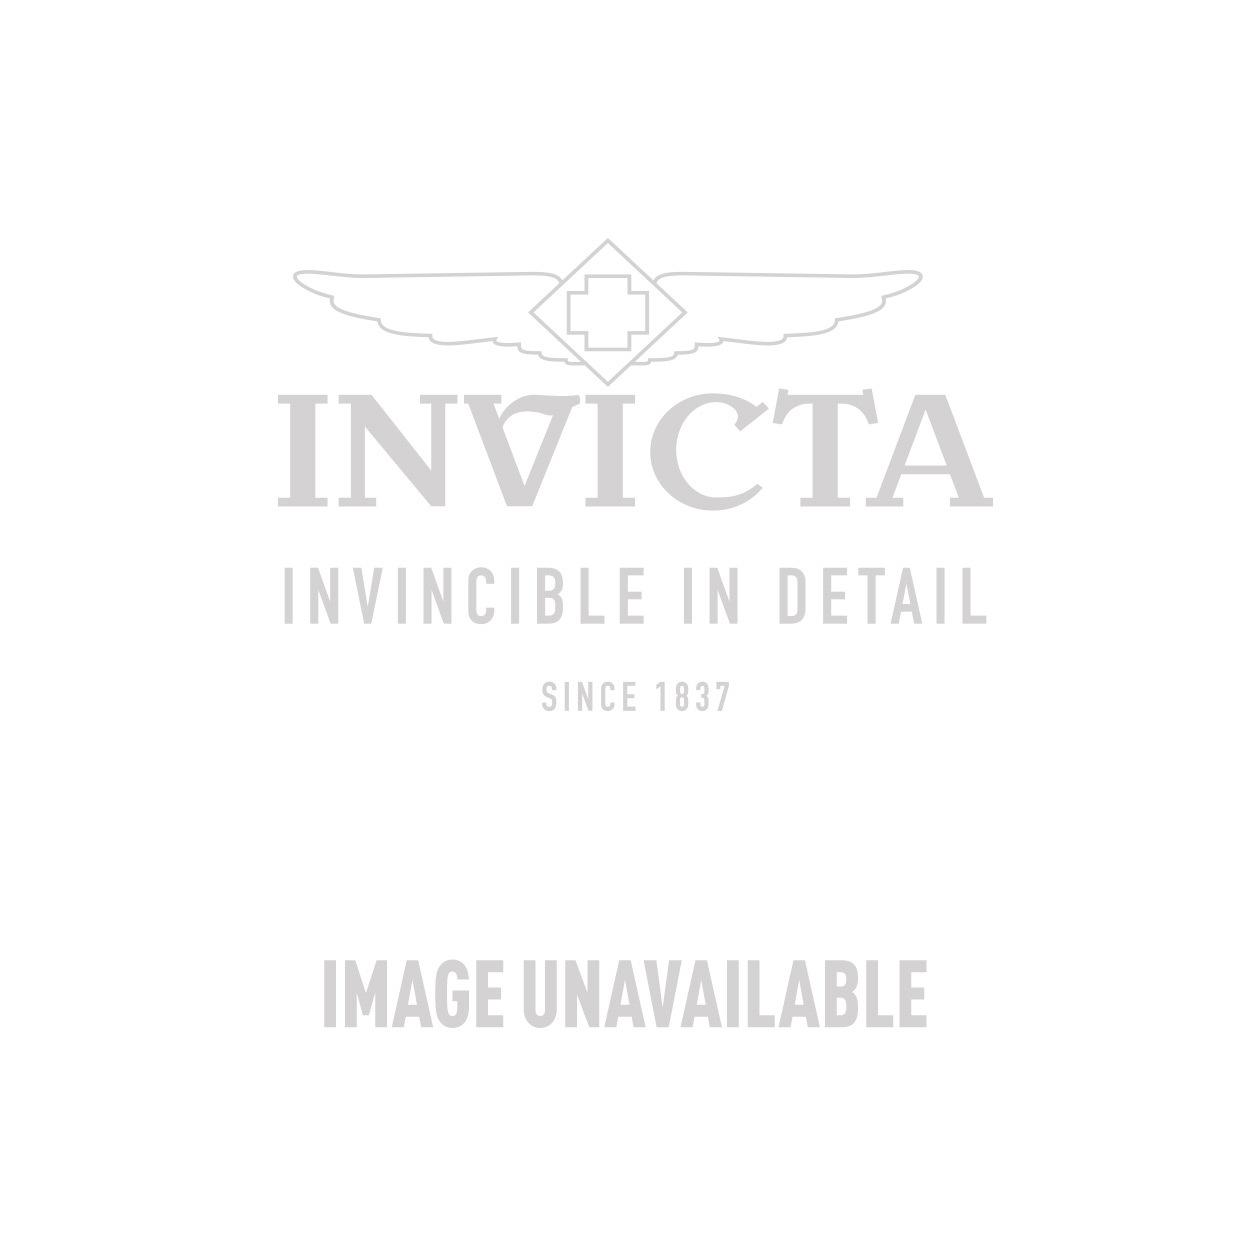 Invicta Excursion Swiss Movement Quartz Watch - Gunmetal case with Black tone Silicone band - Model 90038